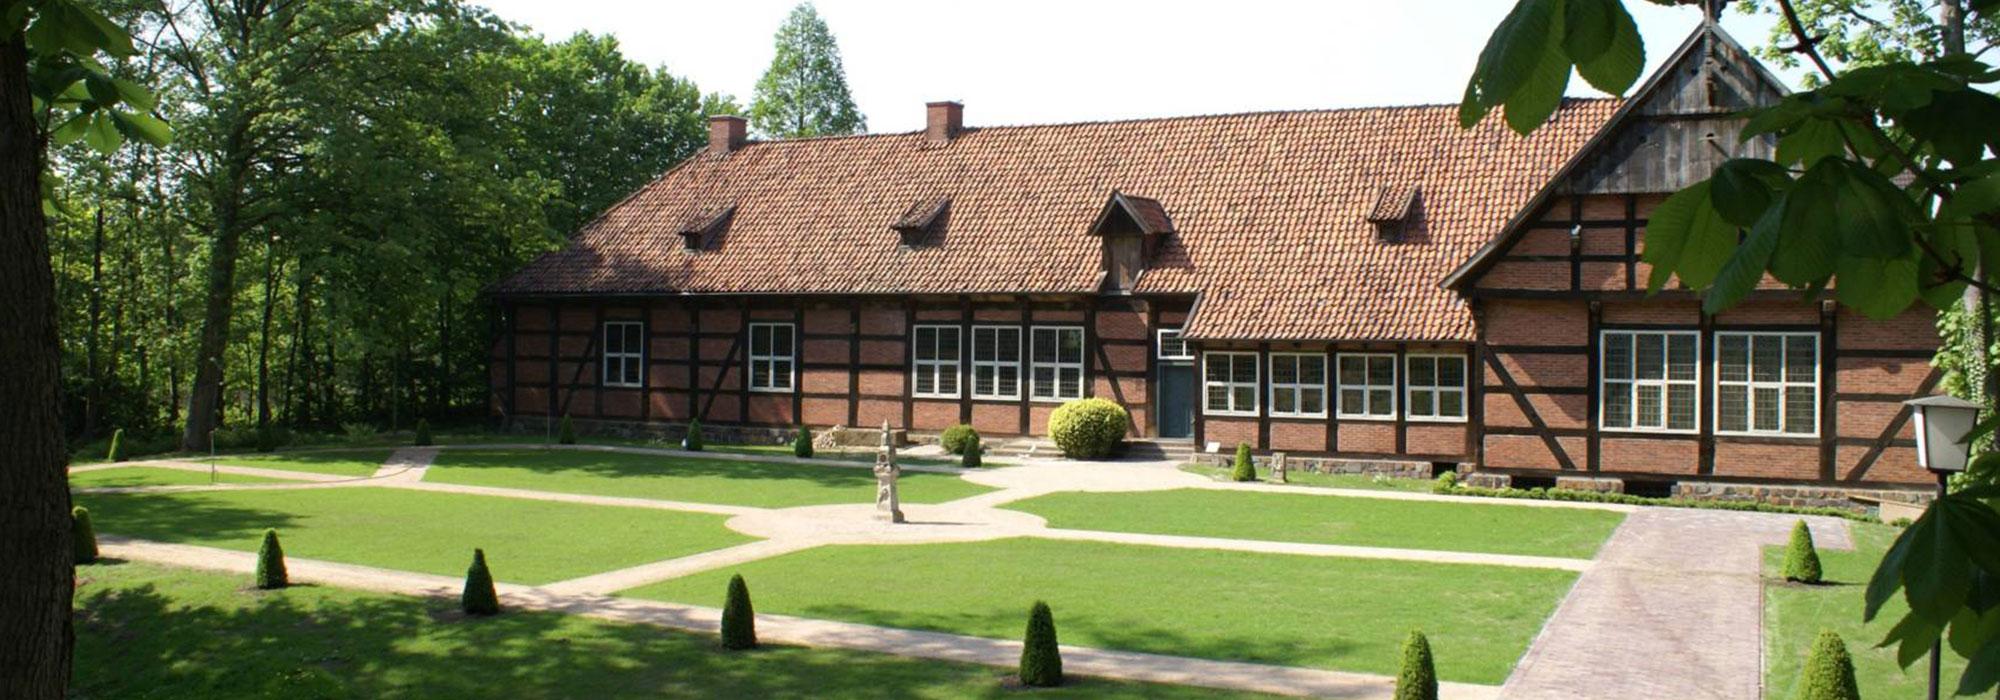 Barockgarten Arkenstede